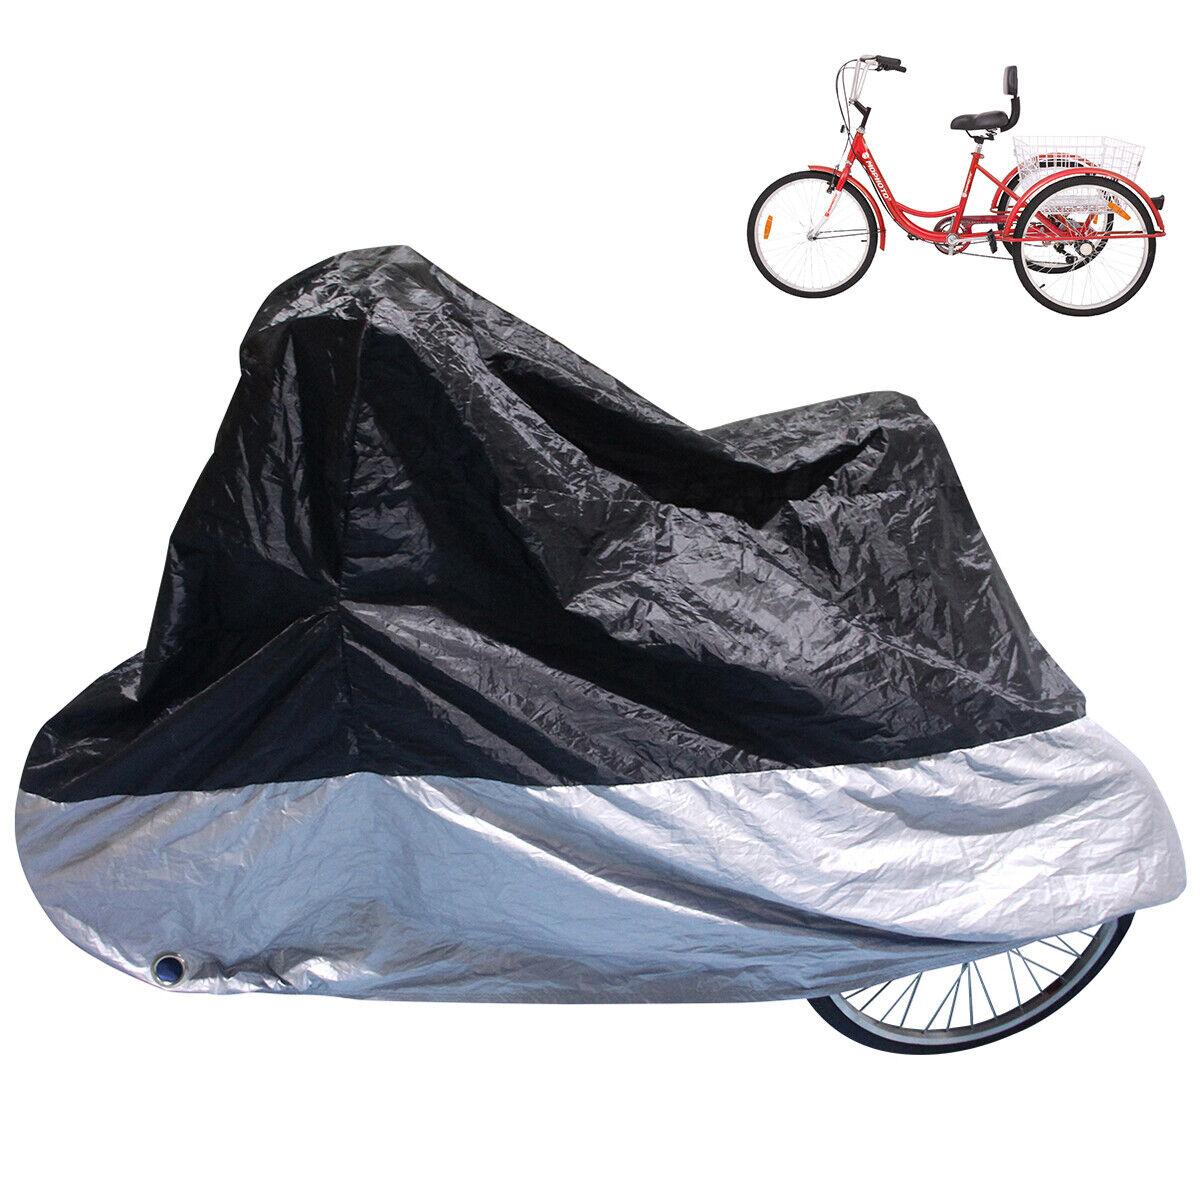 Heavy Duty Waterproof Bike Adult Tricycle Bicycle/Motorcycle